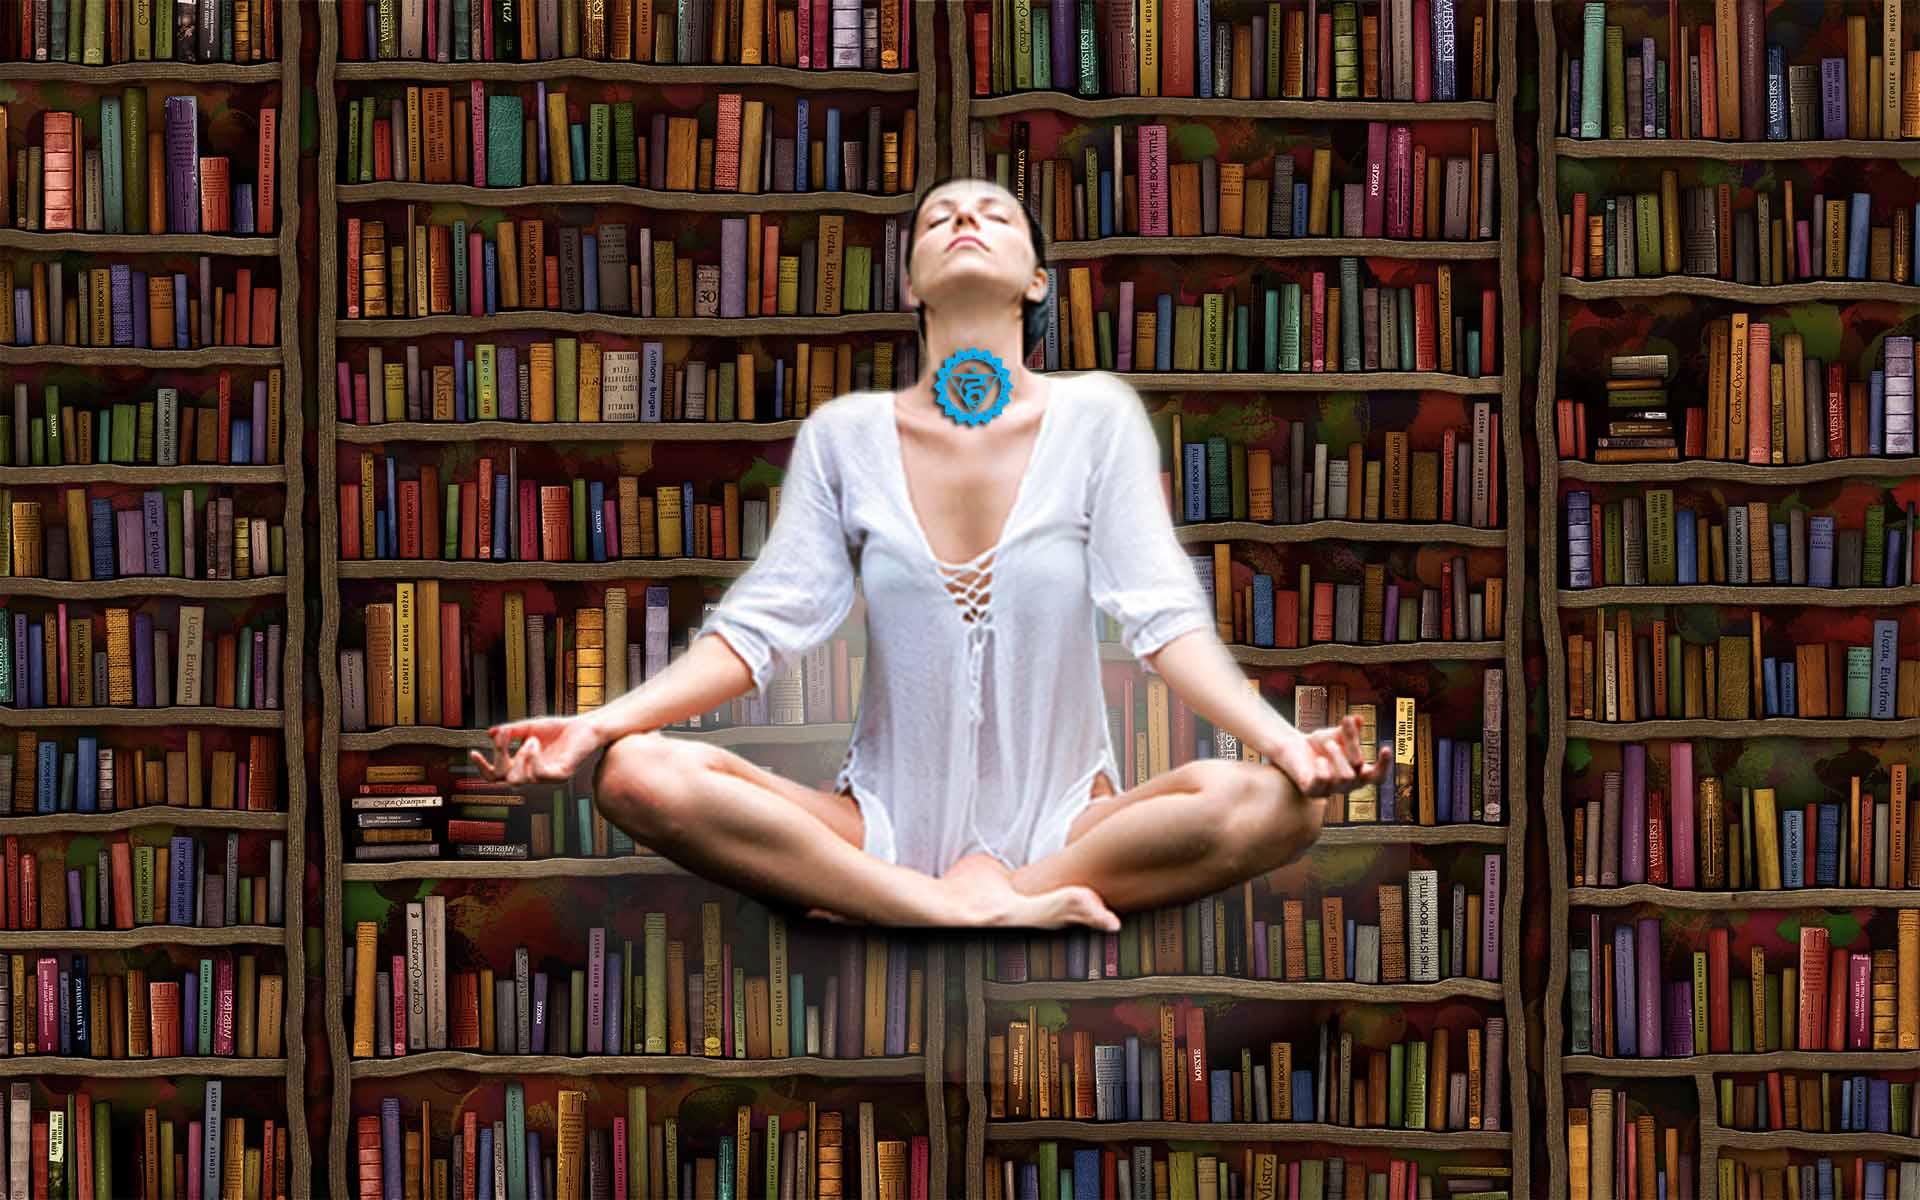 Практика открытия пятой чакры: «Библиотека»